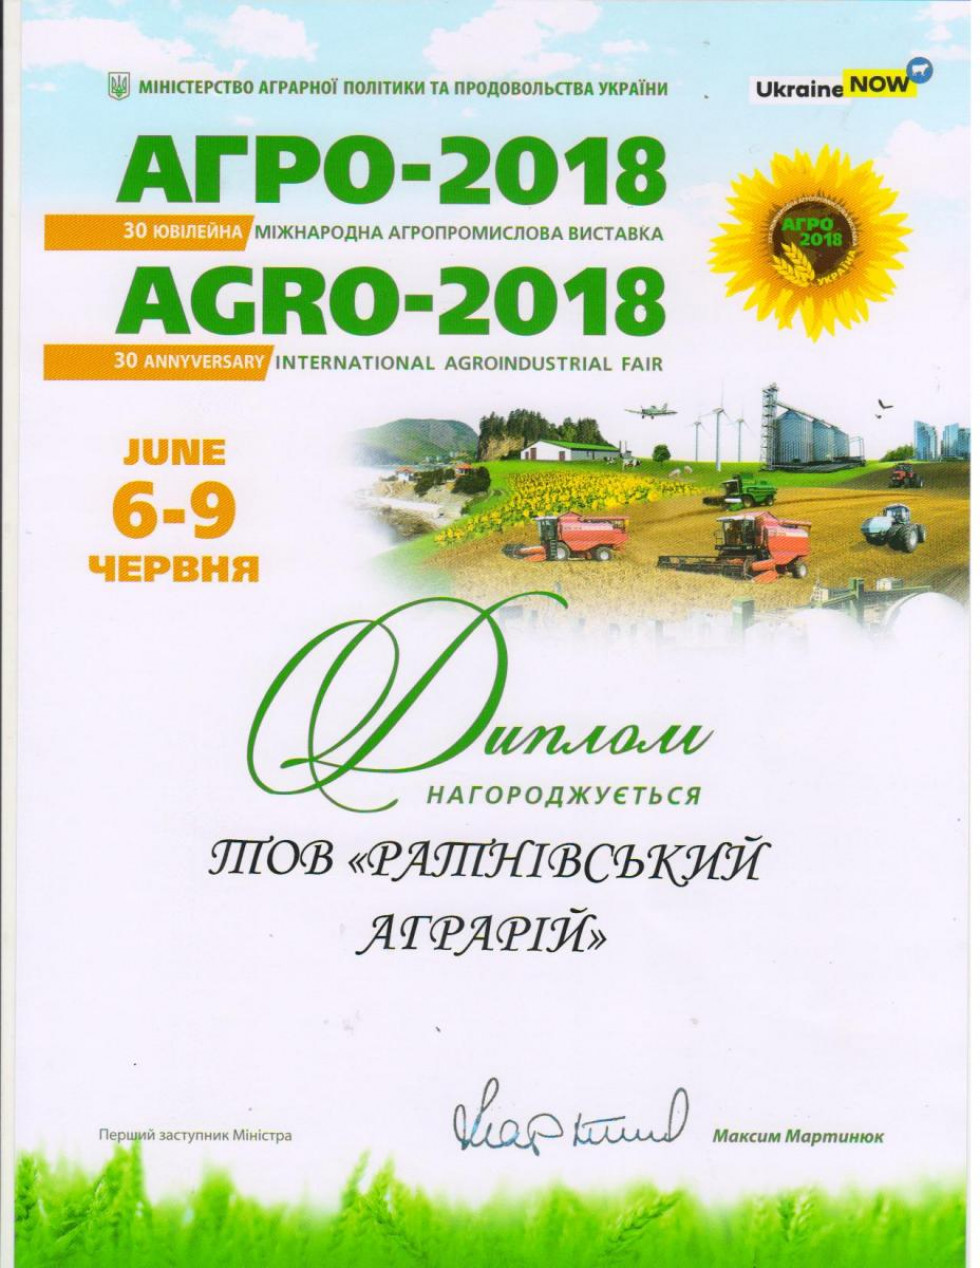 Нагороди «Ратнівського аграріюНагороди «Ратнівського аграрію»